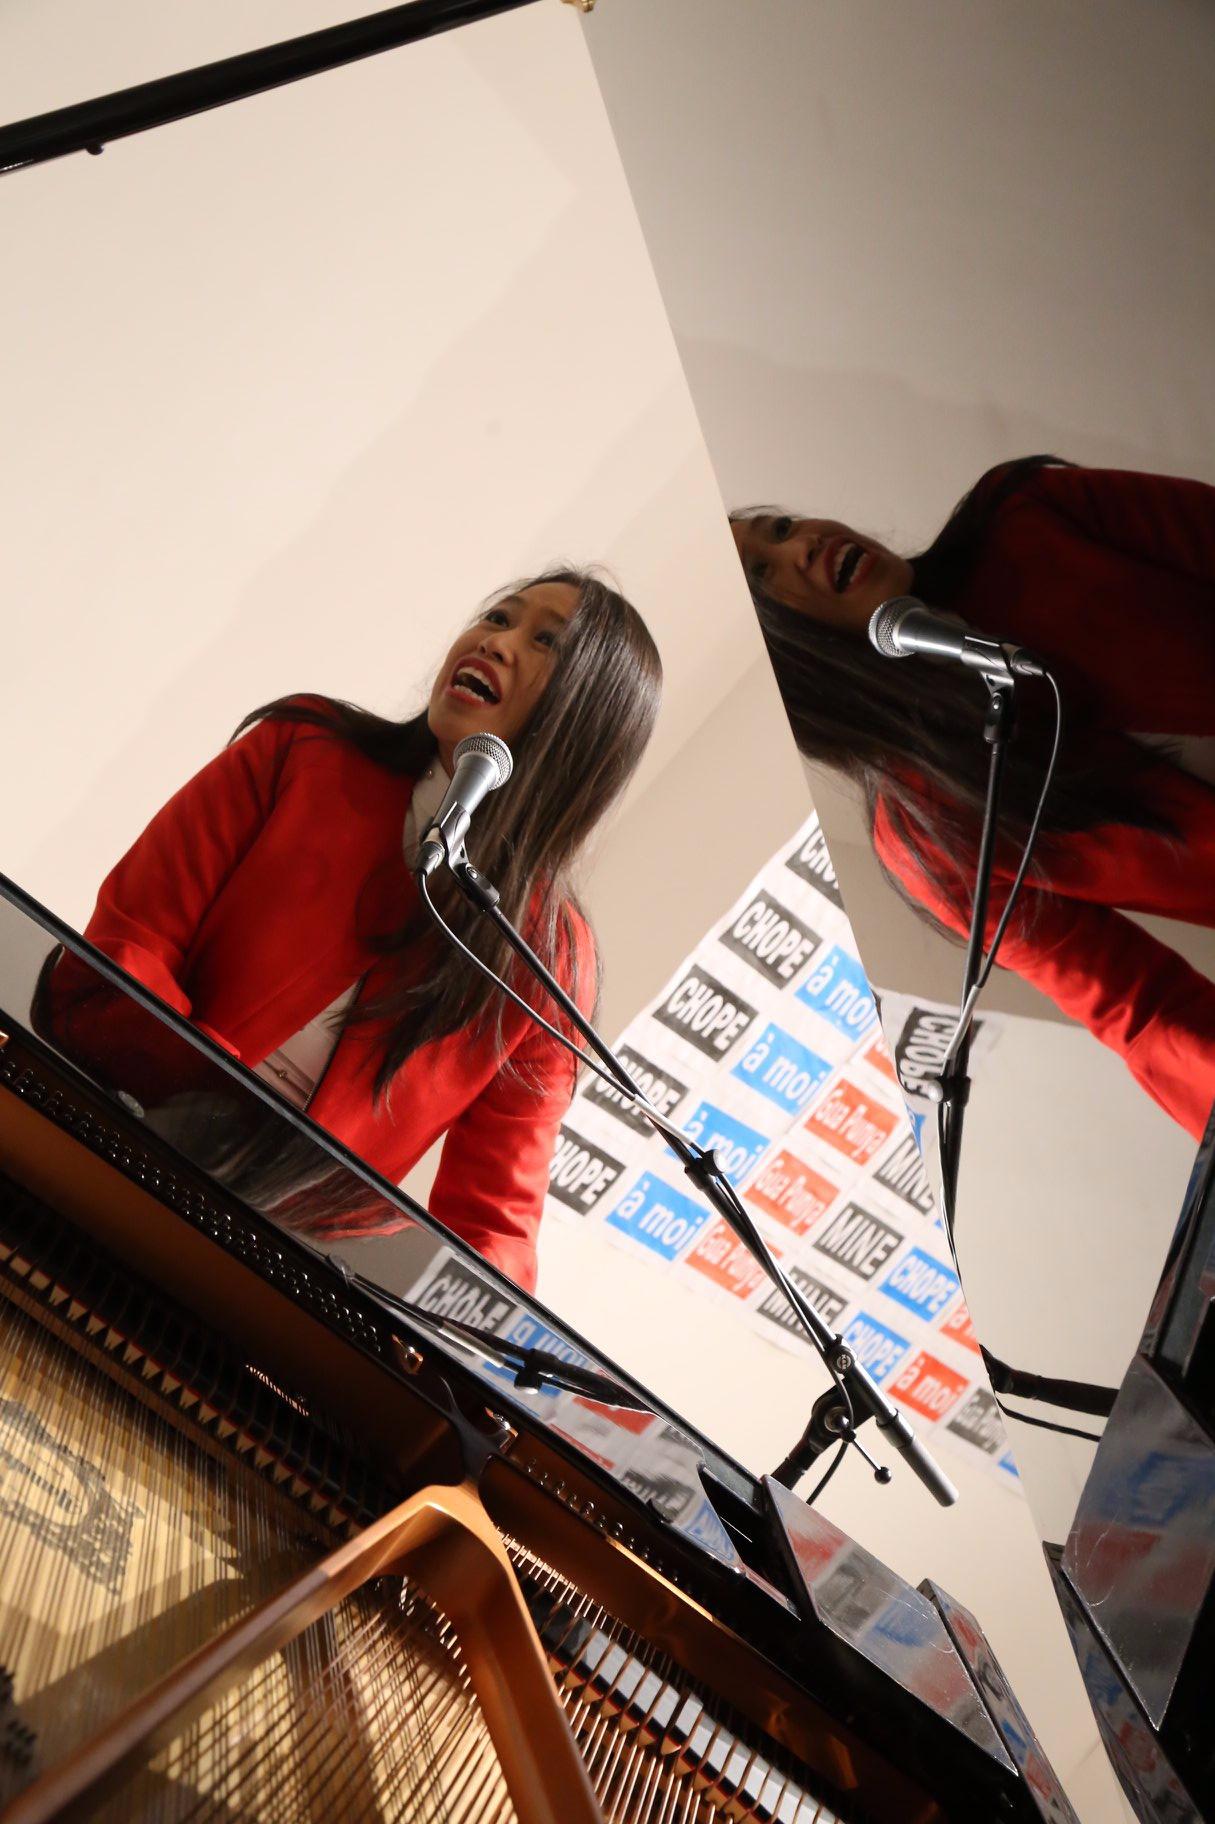 Jazz singer/songwriter/musician Michelle Poh